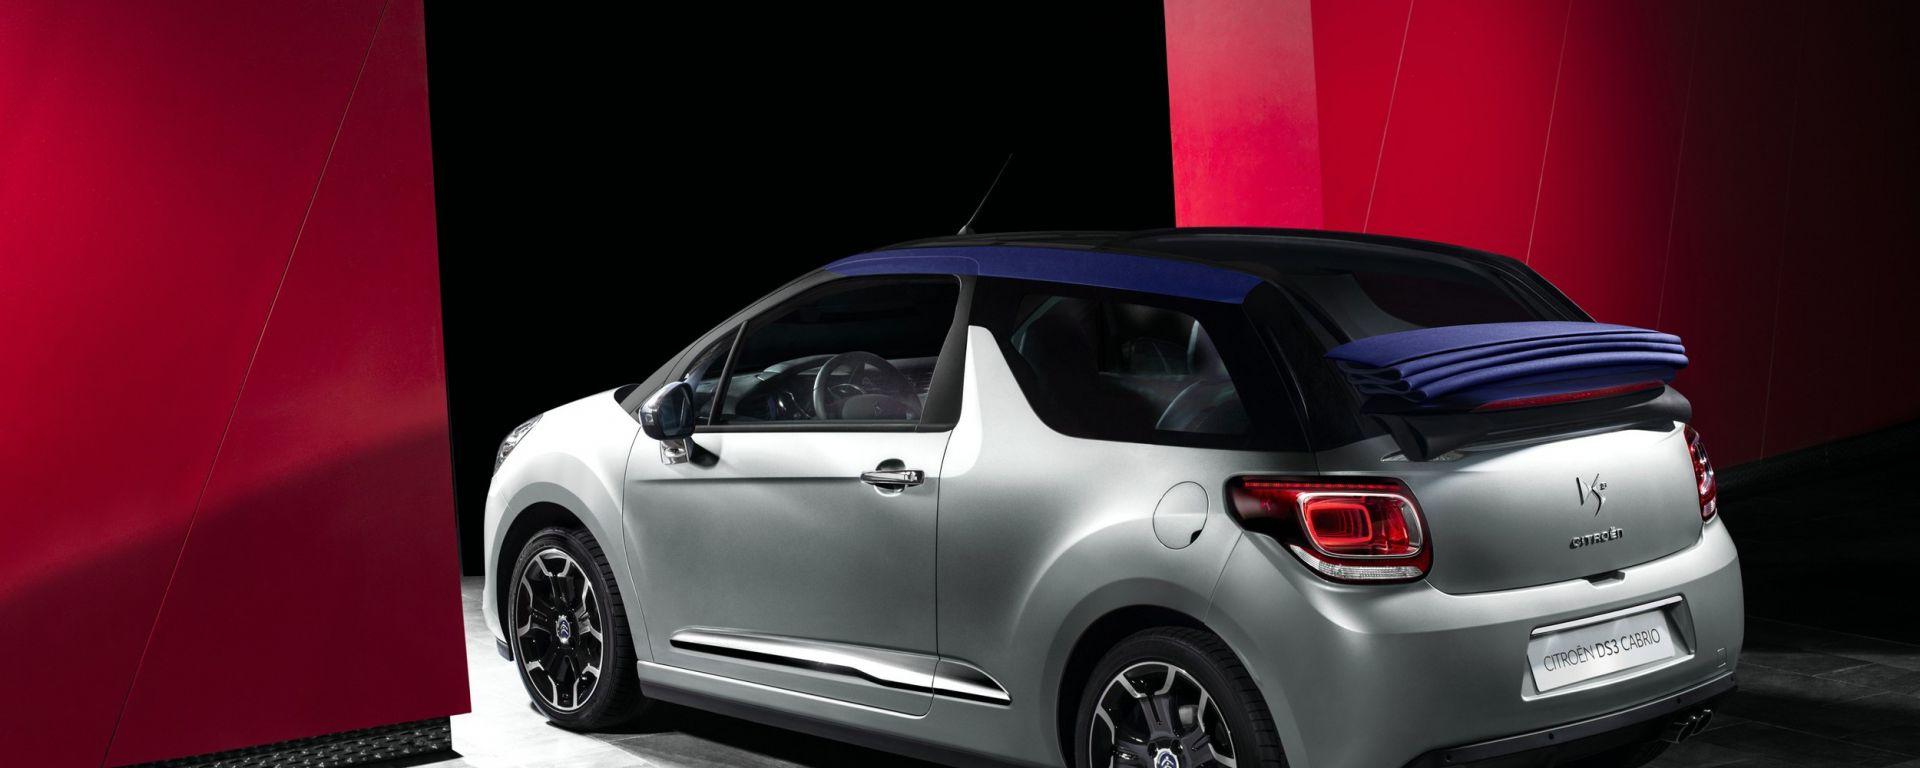 Citroën DS3 Cabrio: c'è anche un video